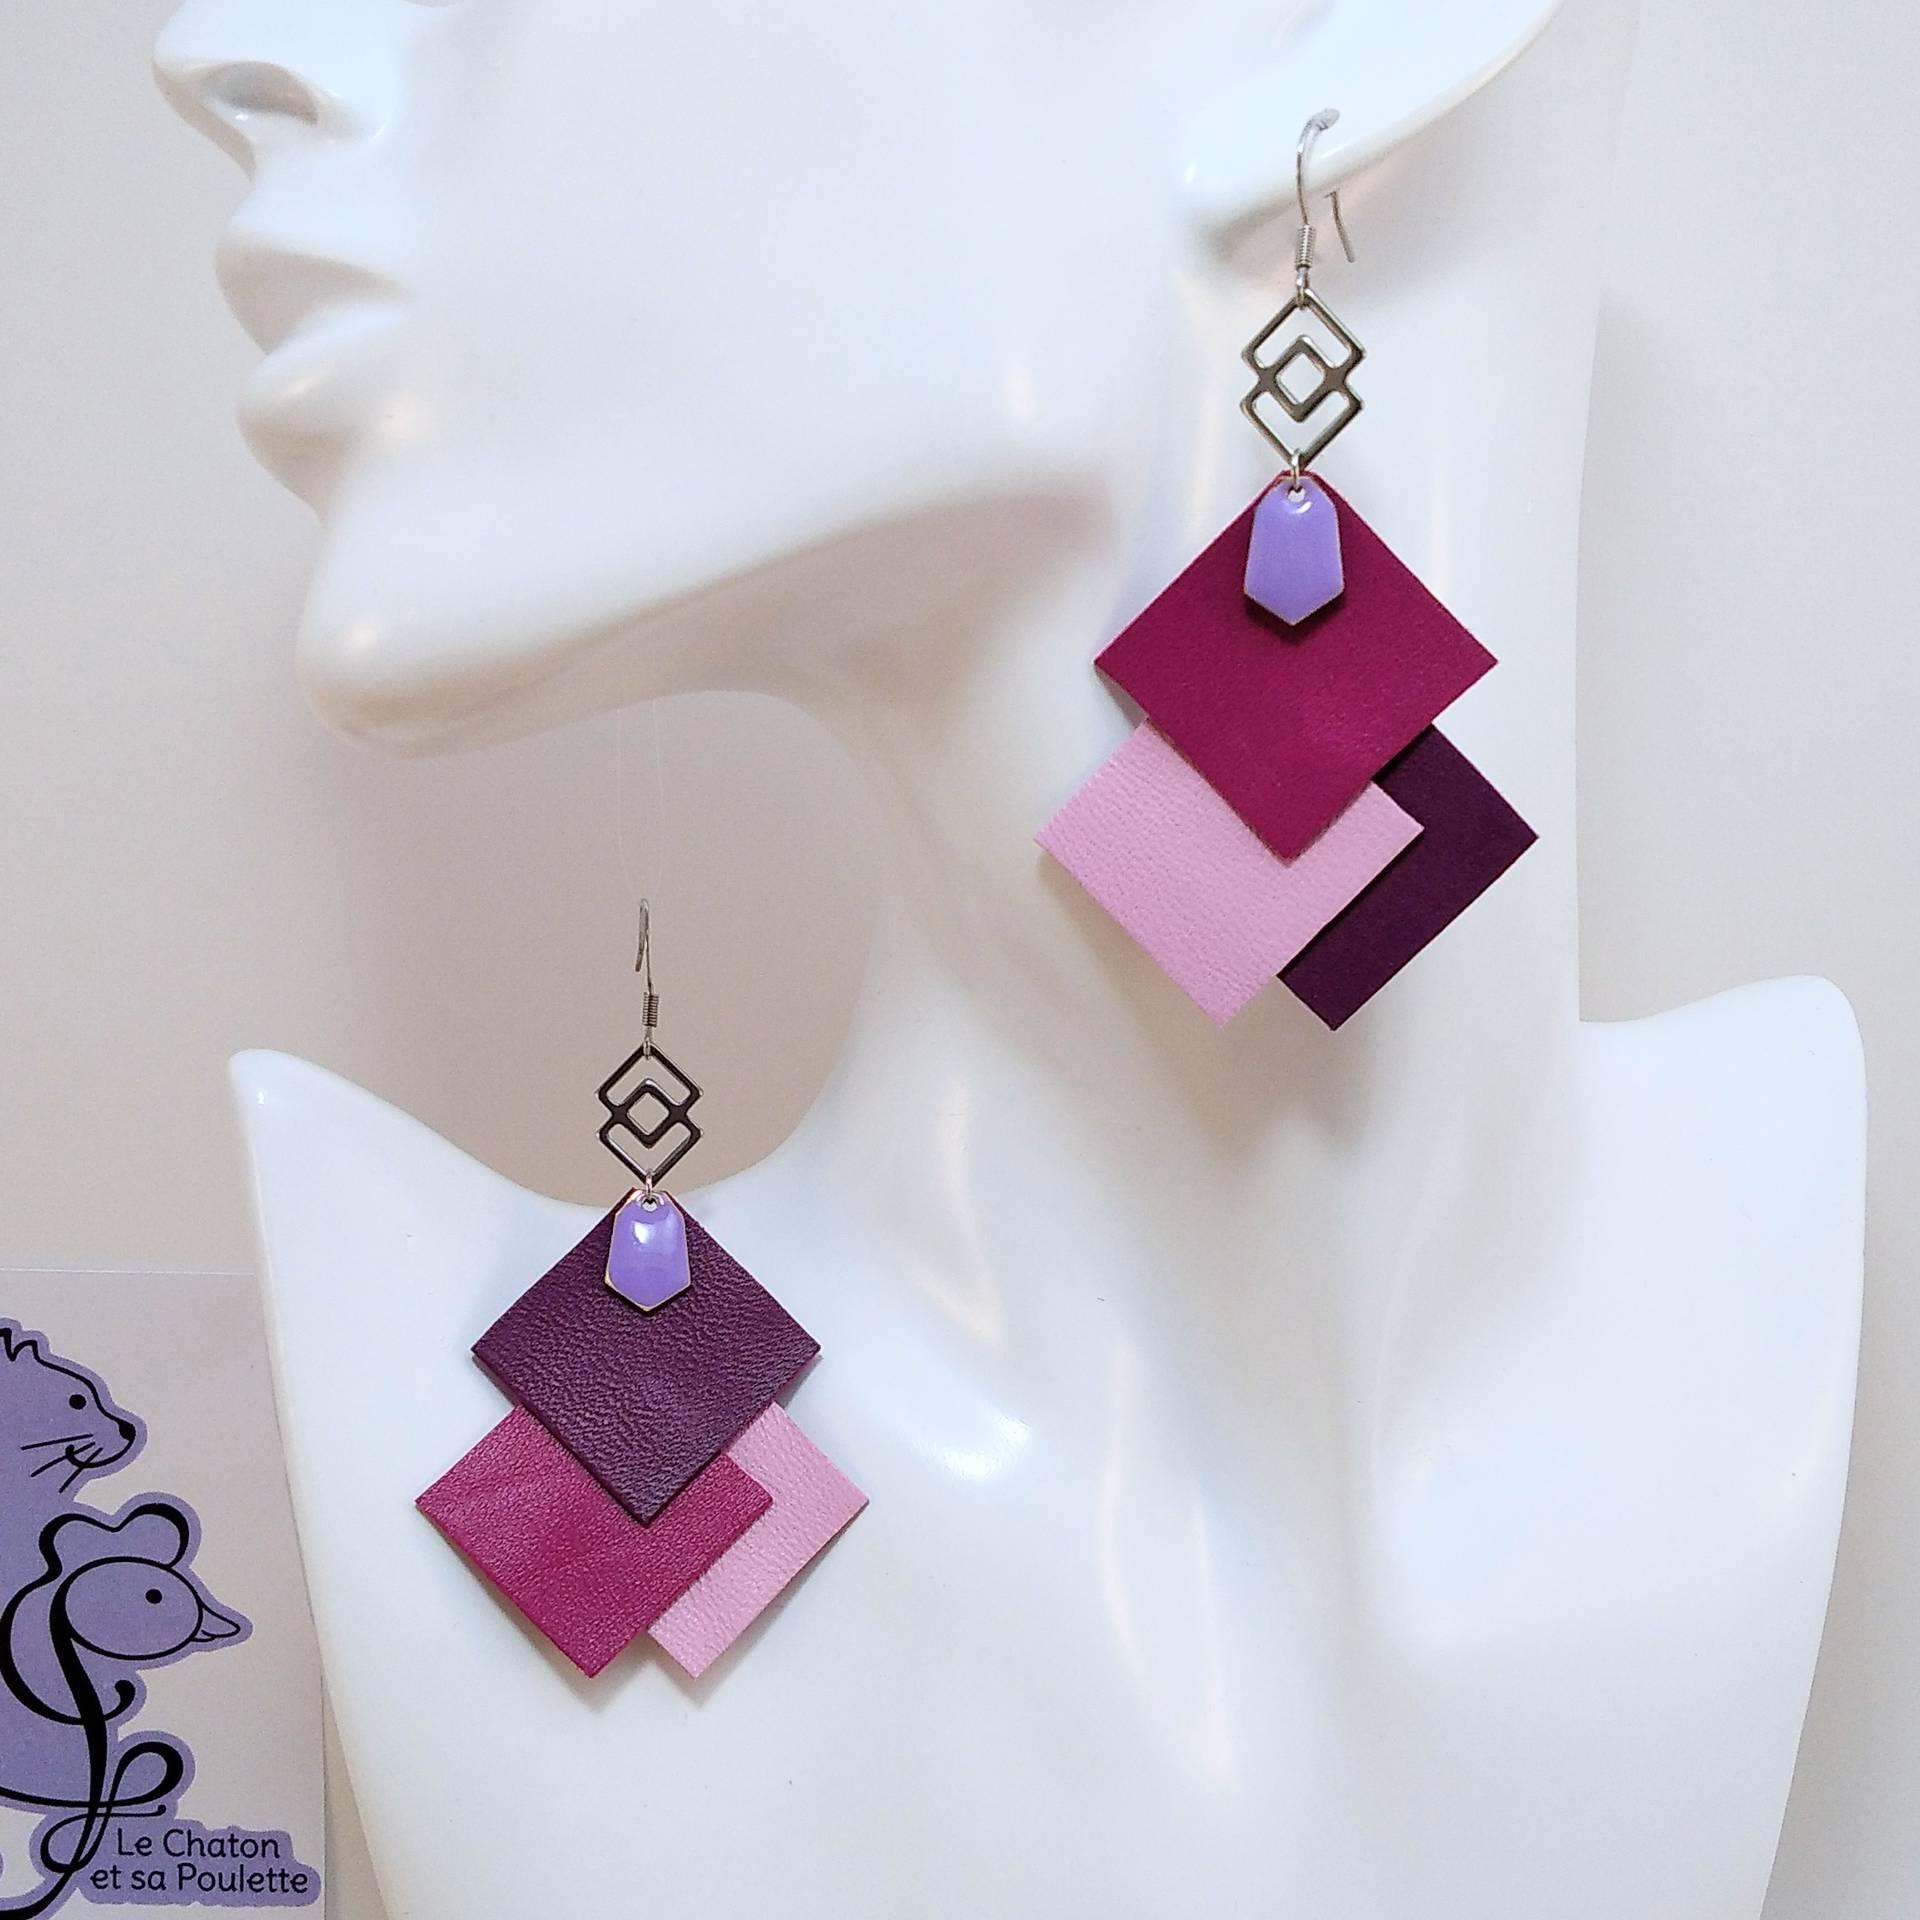 B.O. FORMIDABLE modèle 6 Cuirs fuchsia/rose dragée/prune, breloque inox carrés entrelacés et diamant lilas